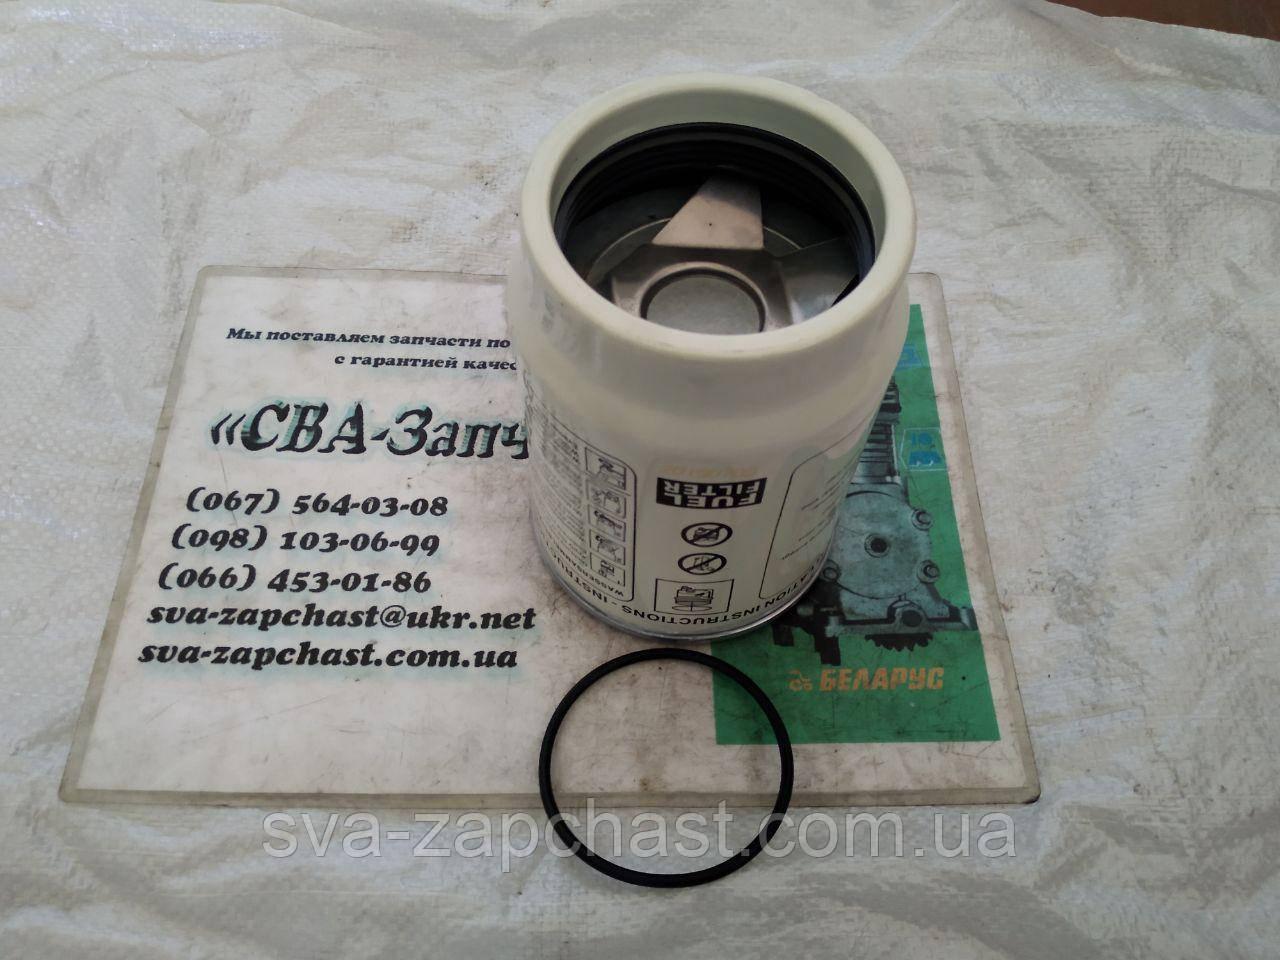 Фильтр сепаратора топлива универсальный КАМАЗ МАЗ PL270 UT6005